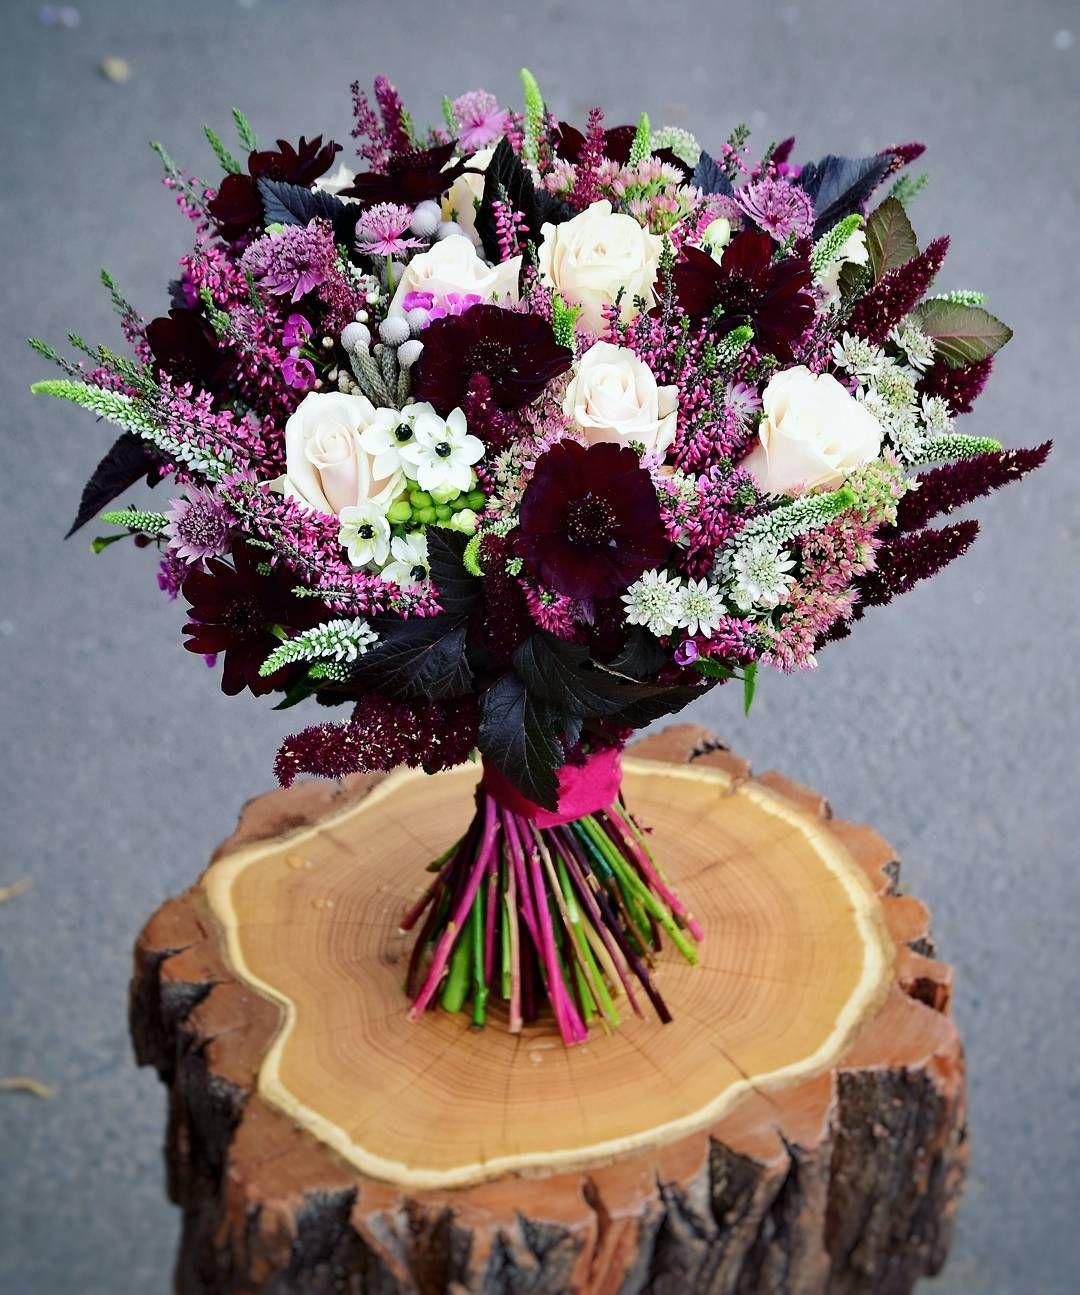 Kolejny Jesienny Bukiet Slubny Naszej Panny Mlodej Tym Razem Z Charakterem Zadziorny I Pewny Siebie Bez Dw Bridal Bouquet Wedding Bouquets Wedding Flowers